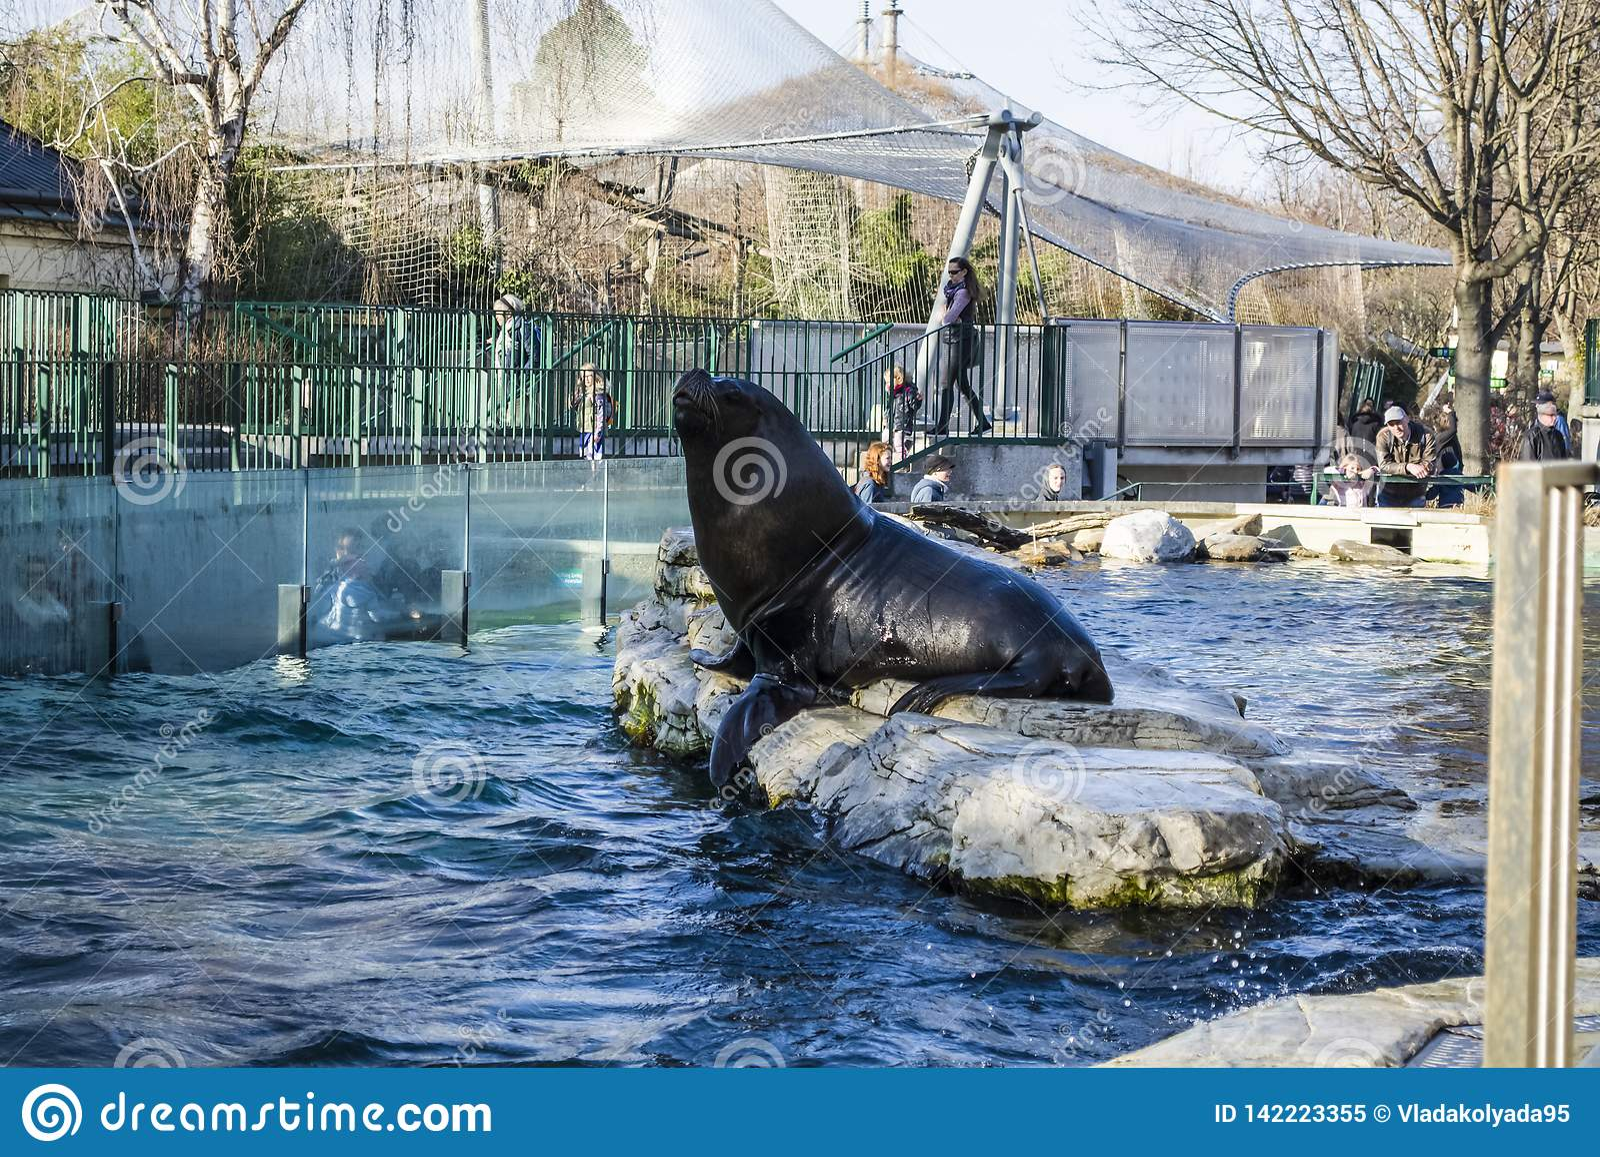 Vienna, Austria, 28 02 2019 Alimentazione delle guarnizioni nere nello stagno di uno zoo Intorno a molta gente stavano andando es